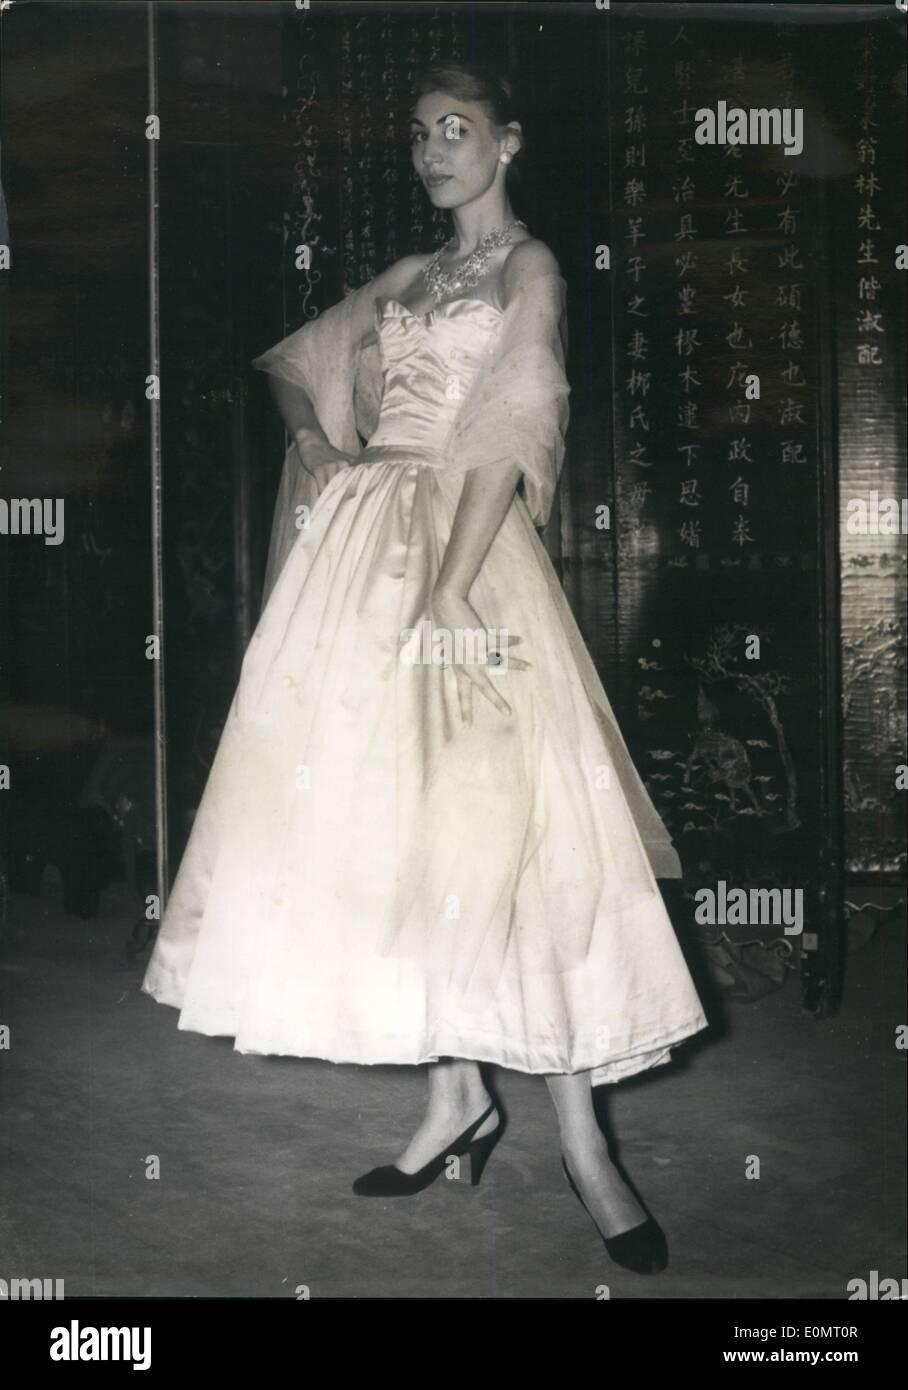 08 août 1956 - haute couture Chanel défie date de sortie     No date 408e53a114c